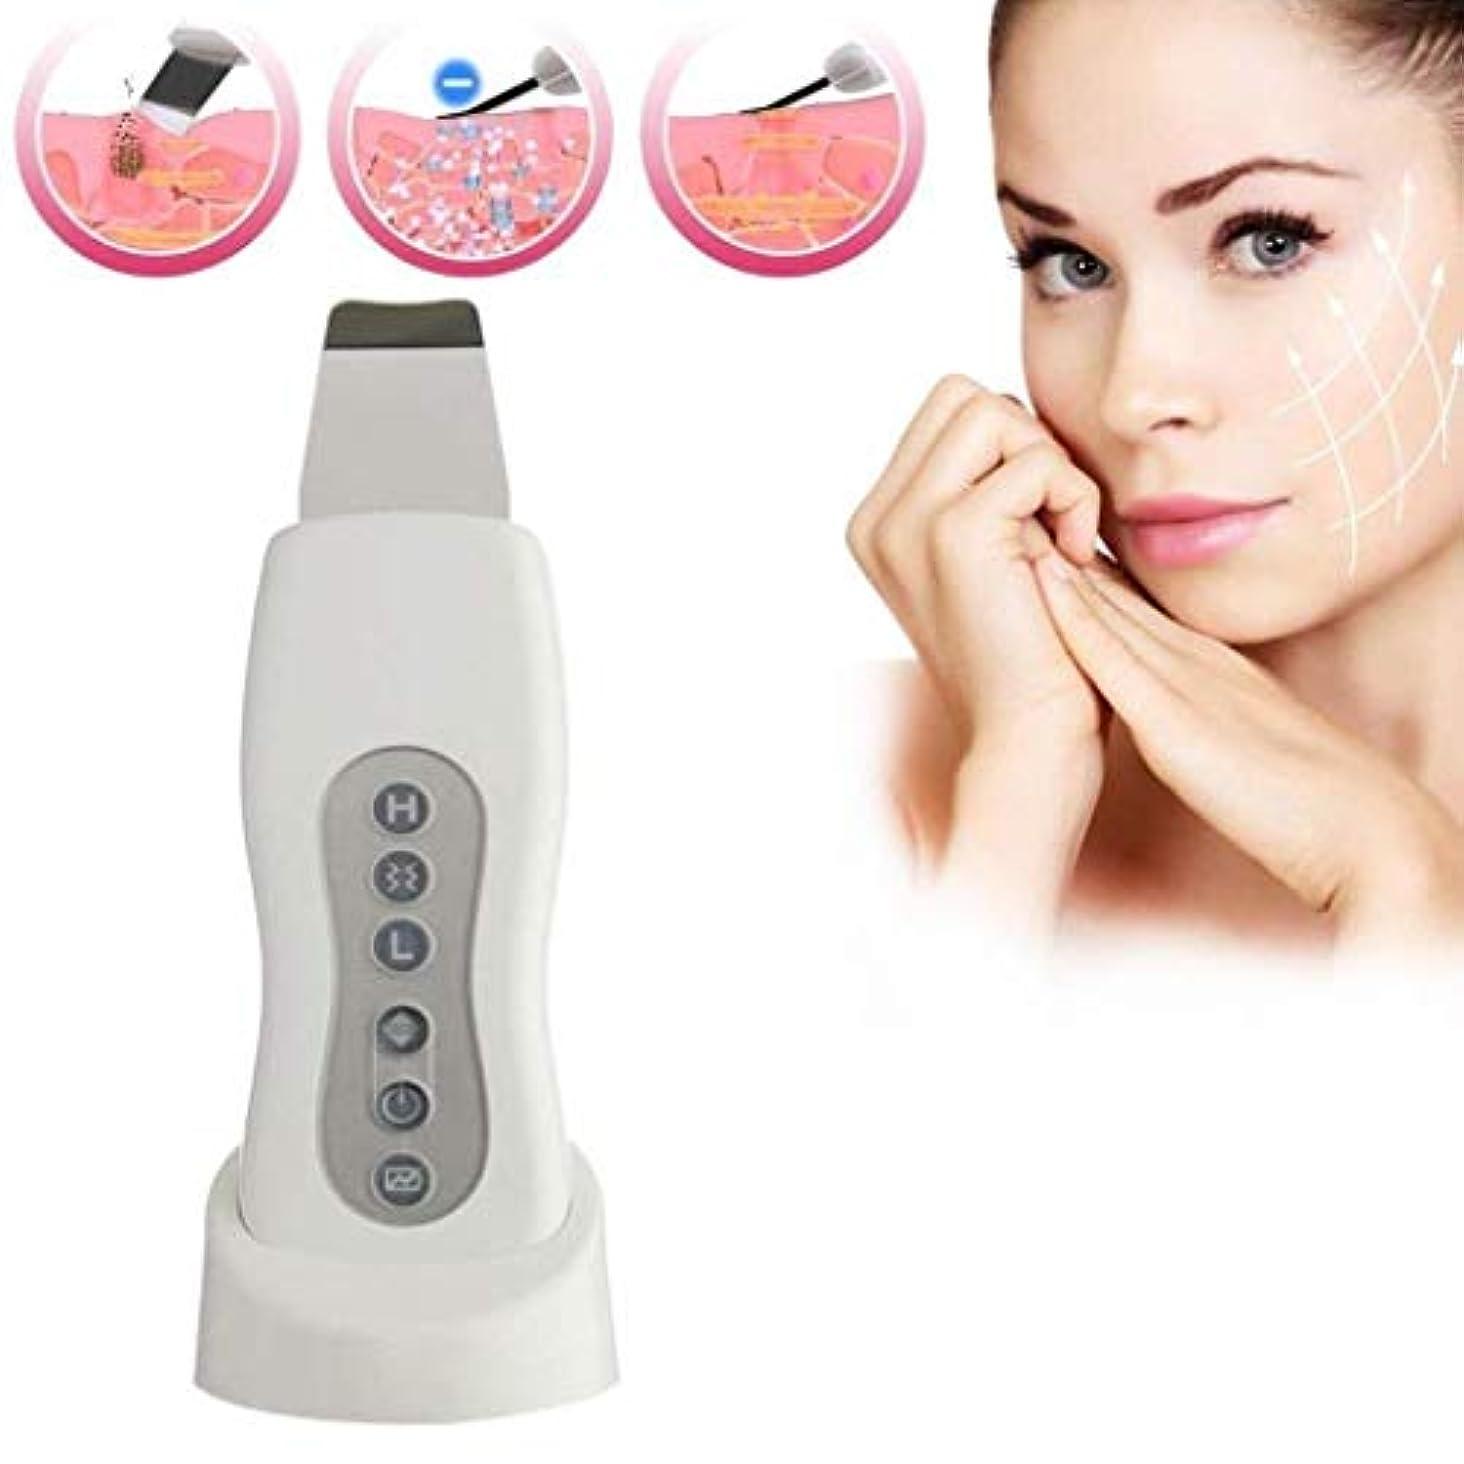 ビートペース夜明け黒ずみを取り除くための顔の皮膚のスクラバーポータブル顔のスクラバーのスキンケアの皮のしわの取り外し機械洗剤の美顔装置